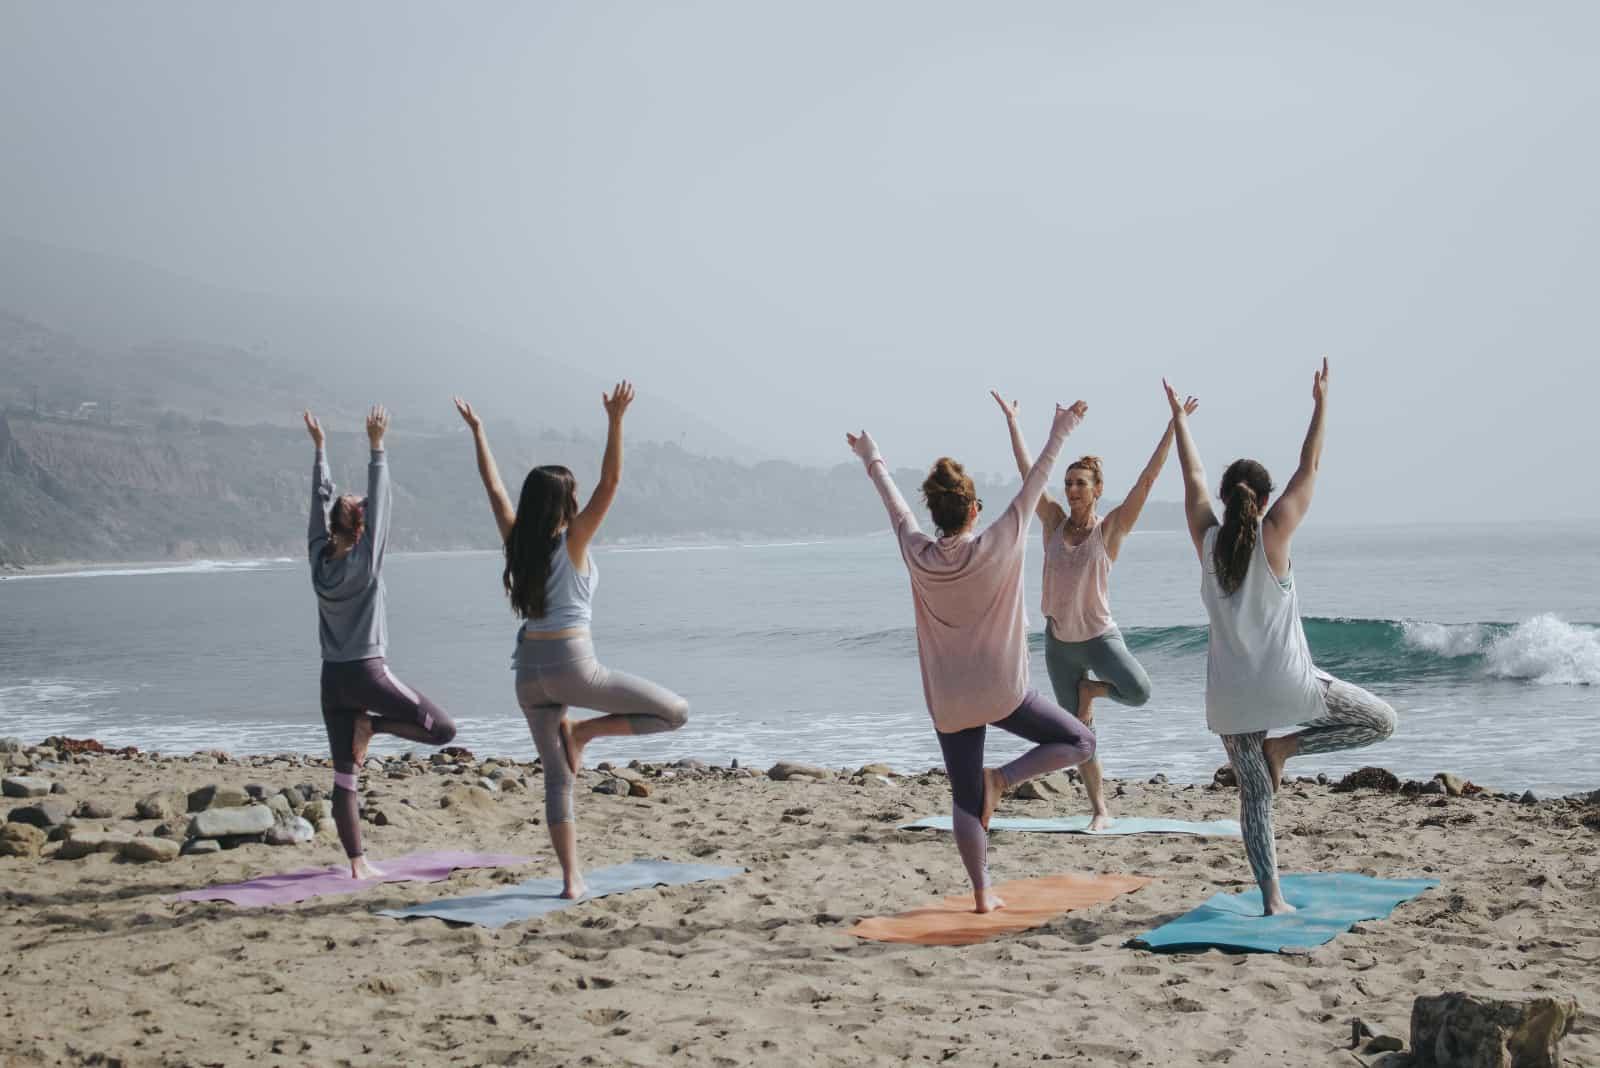 femmes faisant du yoga en se tenant debout au bord de la mer